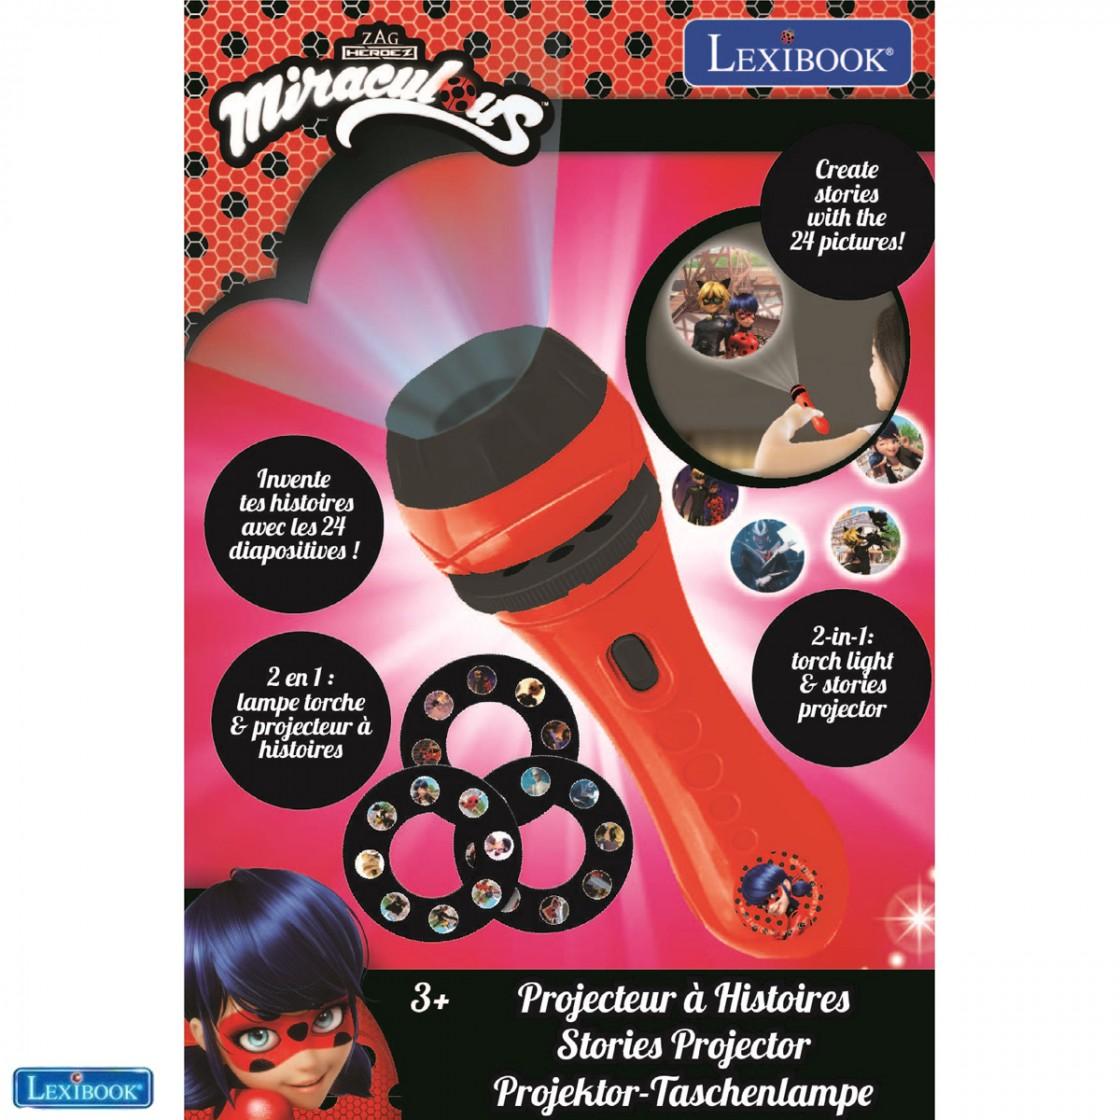 24 Images Miraculous LTC050MI Lampe Torche et projecteur avec 3 disques cr/éez Vos Propres Histoires Lexibook-LTC050MI